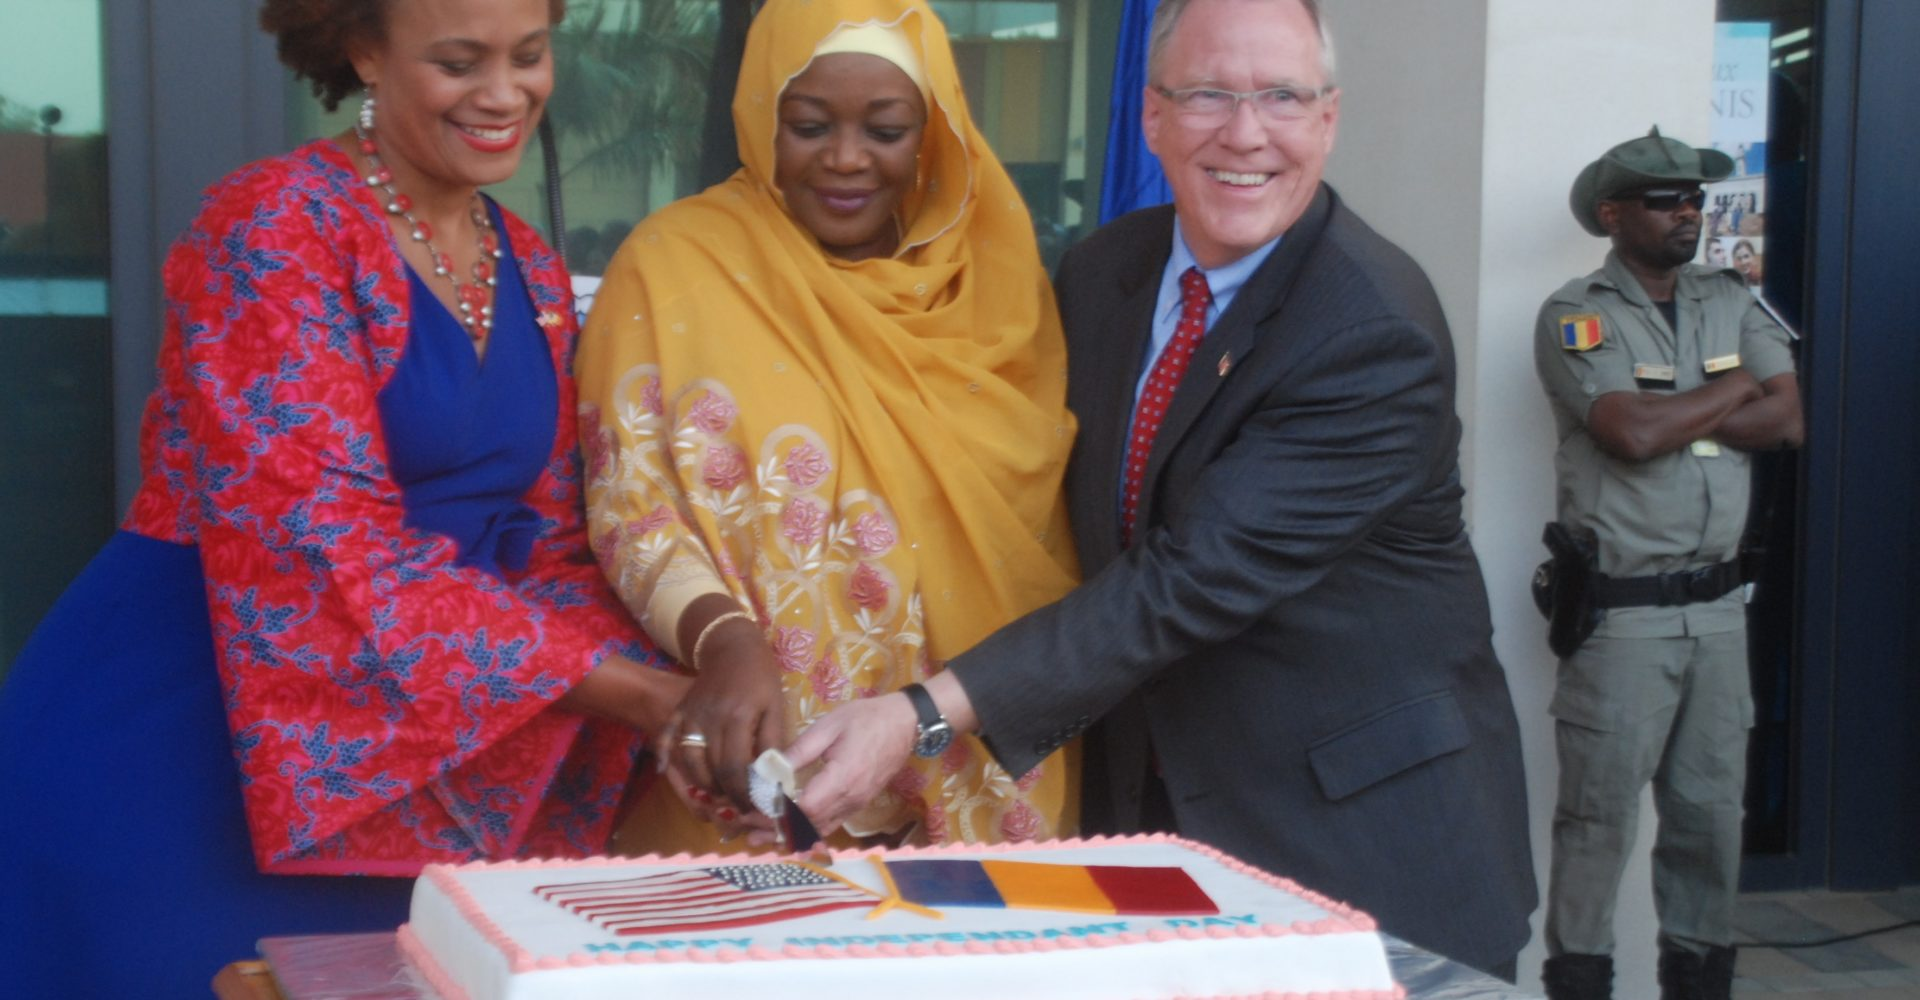 L'ambassade des Usa au Tchad célèbre le 244ème anniversaire d'indépendance 1